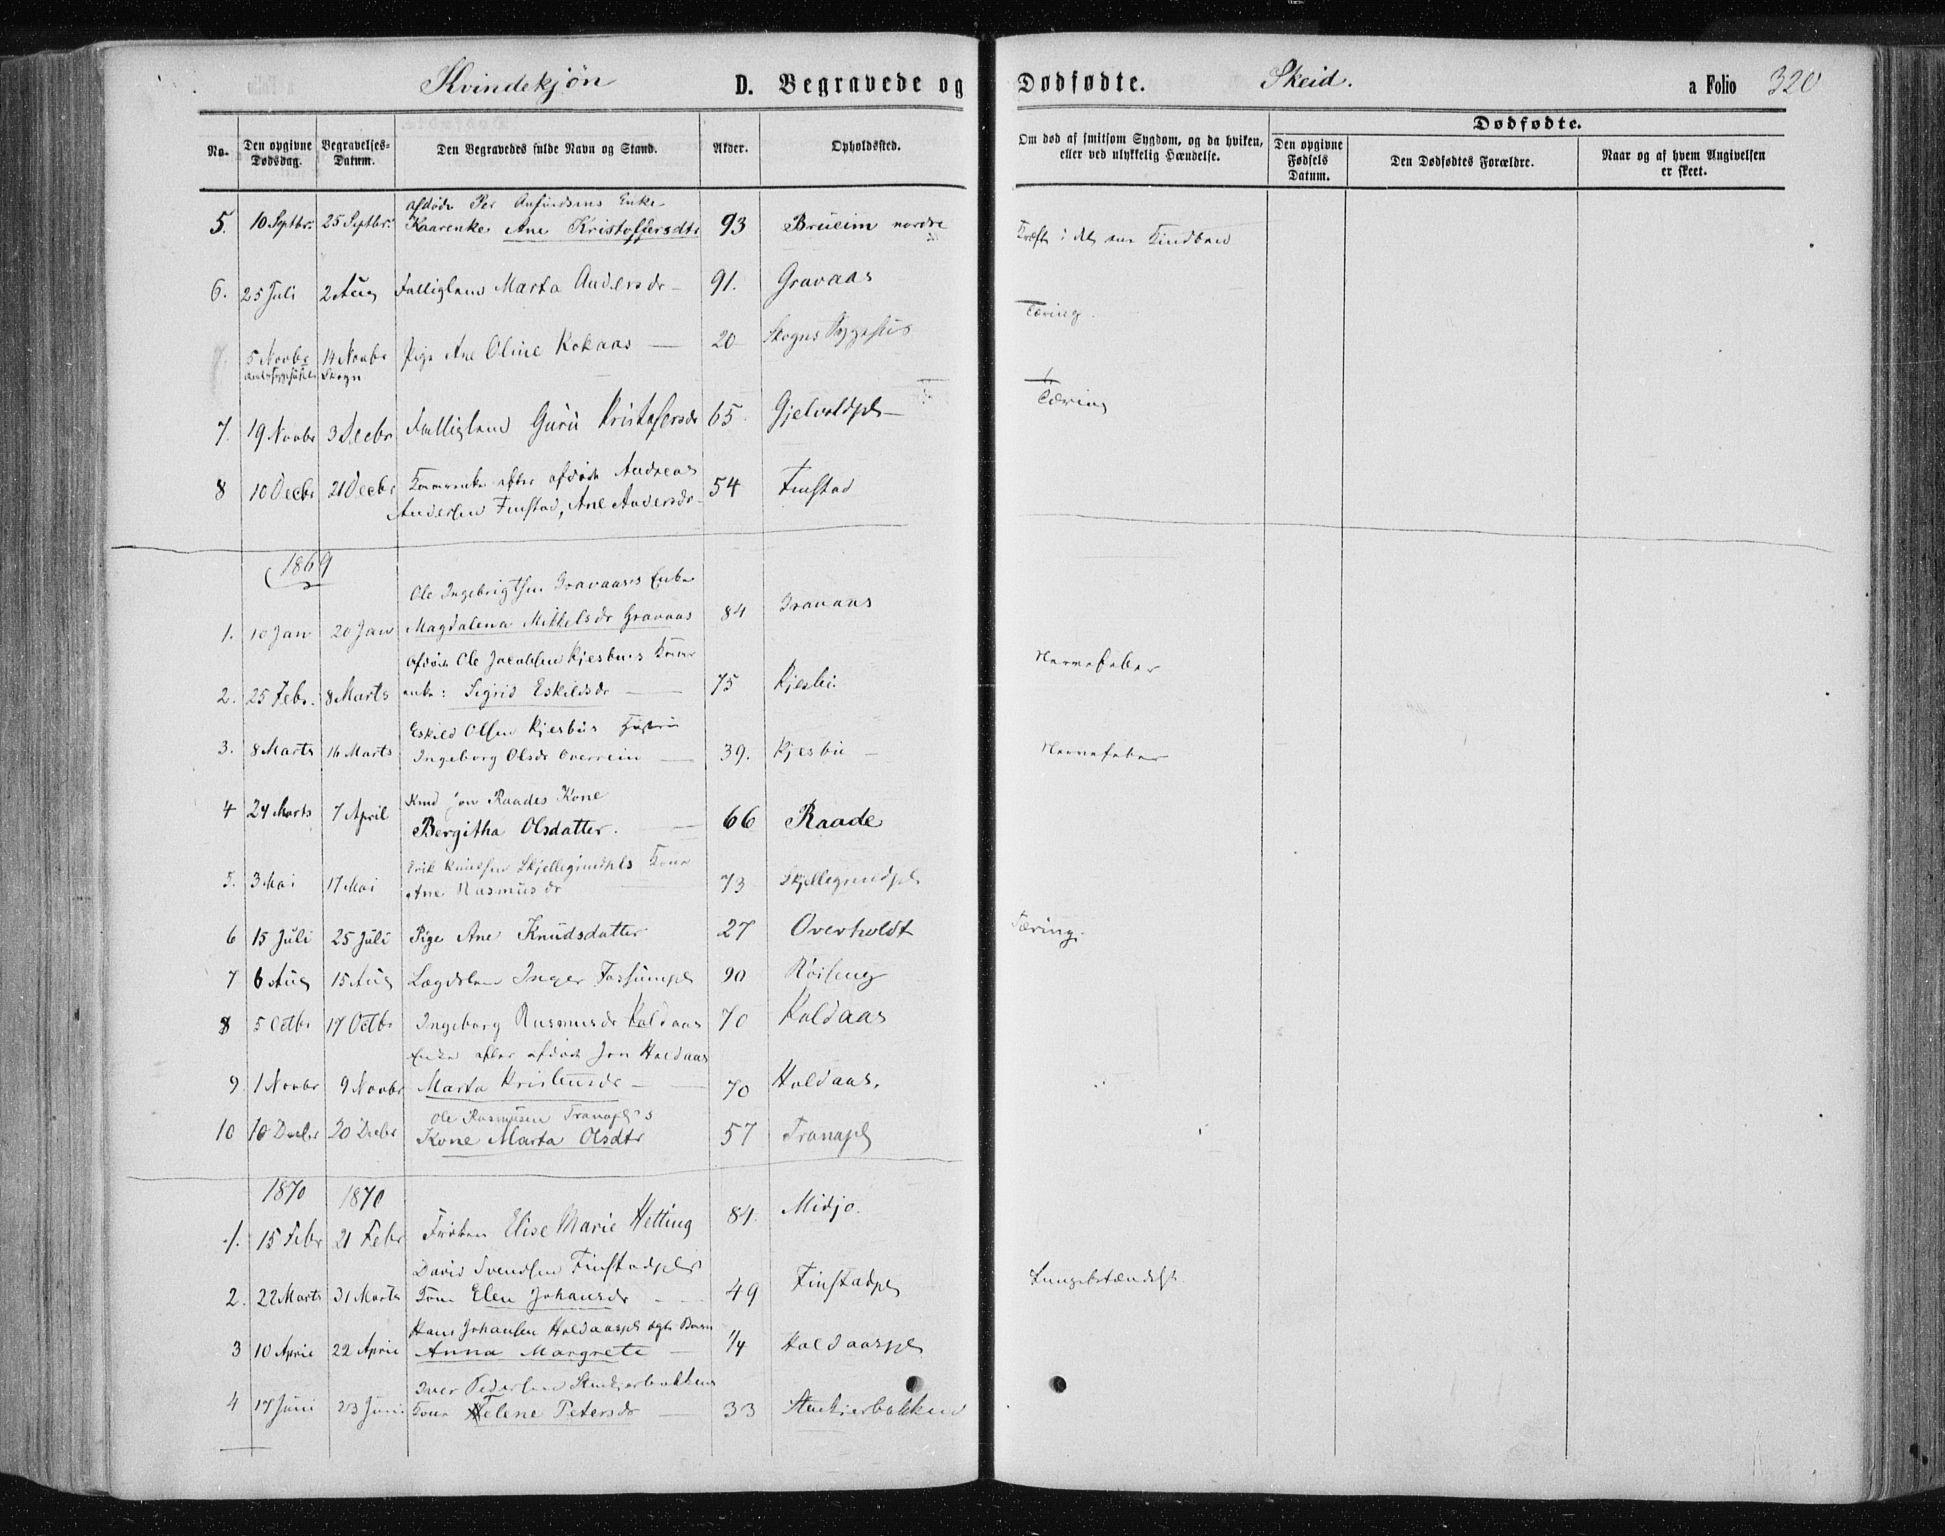 SAT, Ministerialprotokoller, klokkerbøker og fødselsregistre - Nord-Trøndelag, 735/L0345: Ministerialbok nr. 735A08 /2, 1863-1872, s. 320